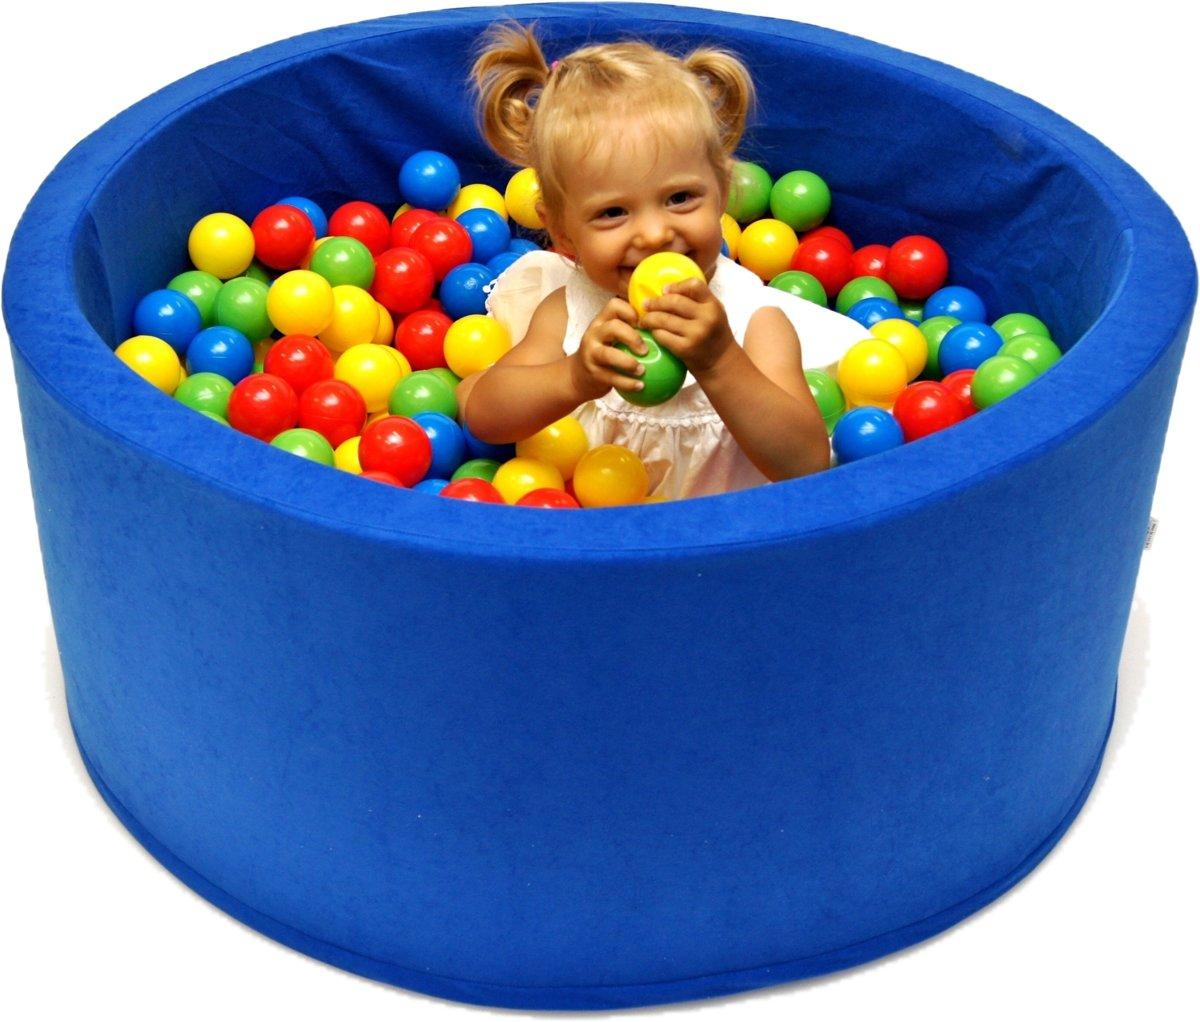 Ballenbak | Blauw incl.  200 gele, groene, blauwe en rode ballen